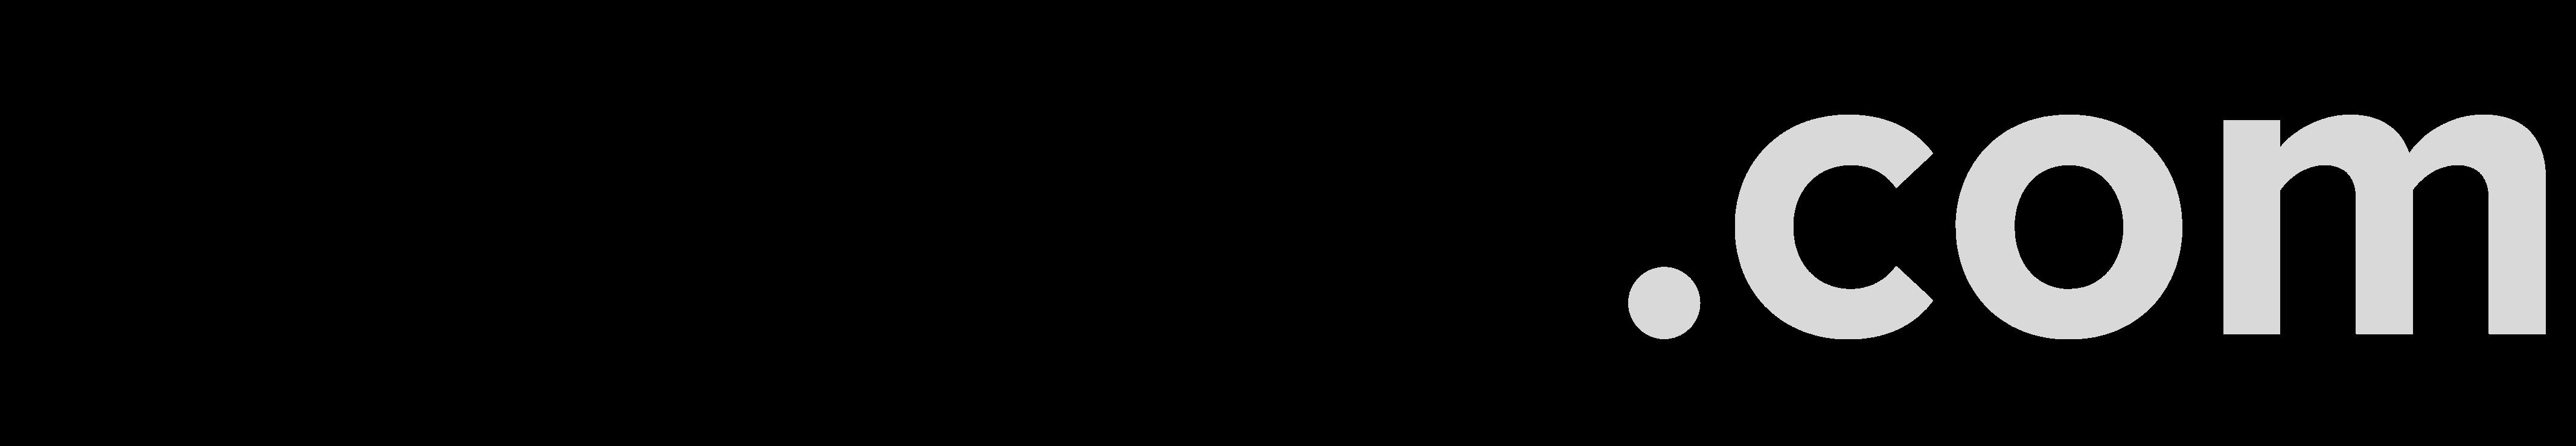 Logo bitquick.com - Bitquick - @bitquick